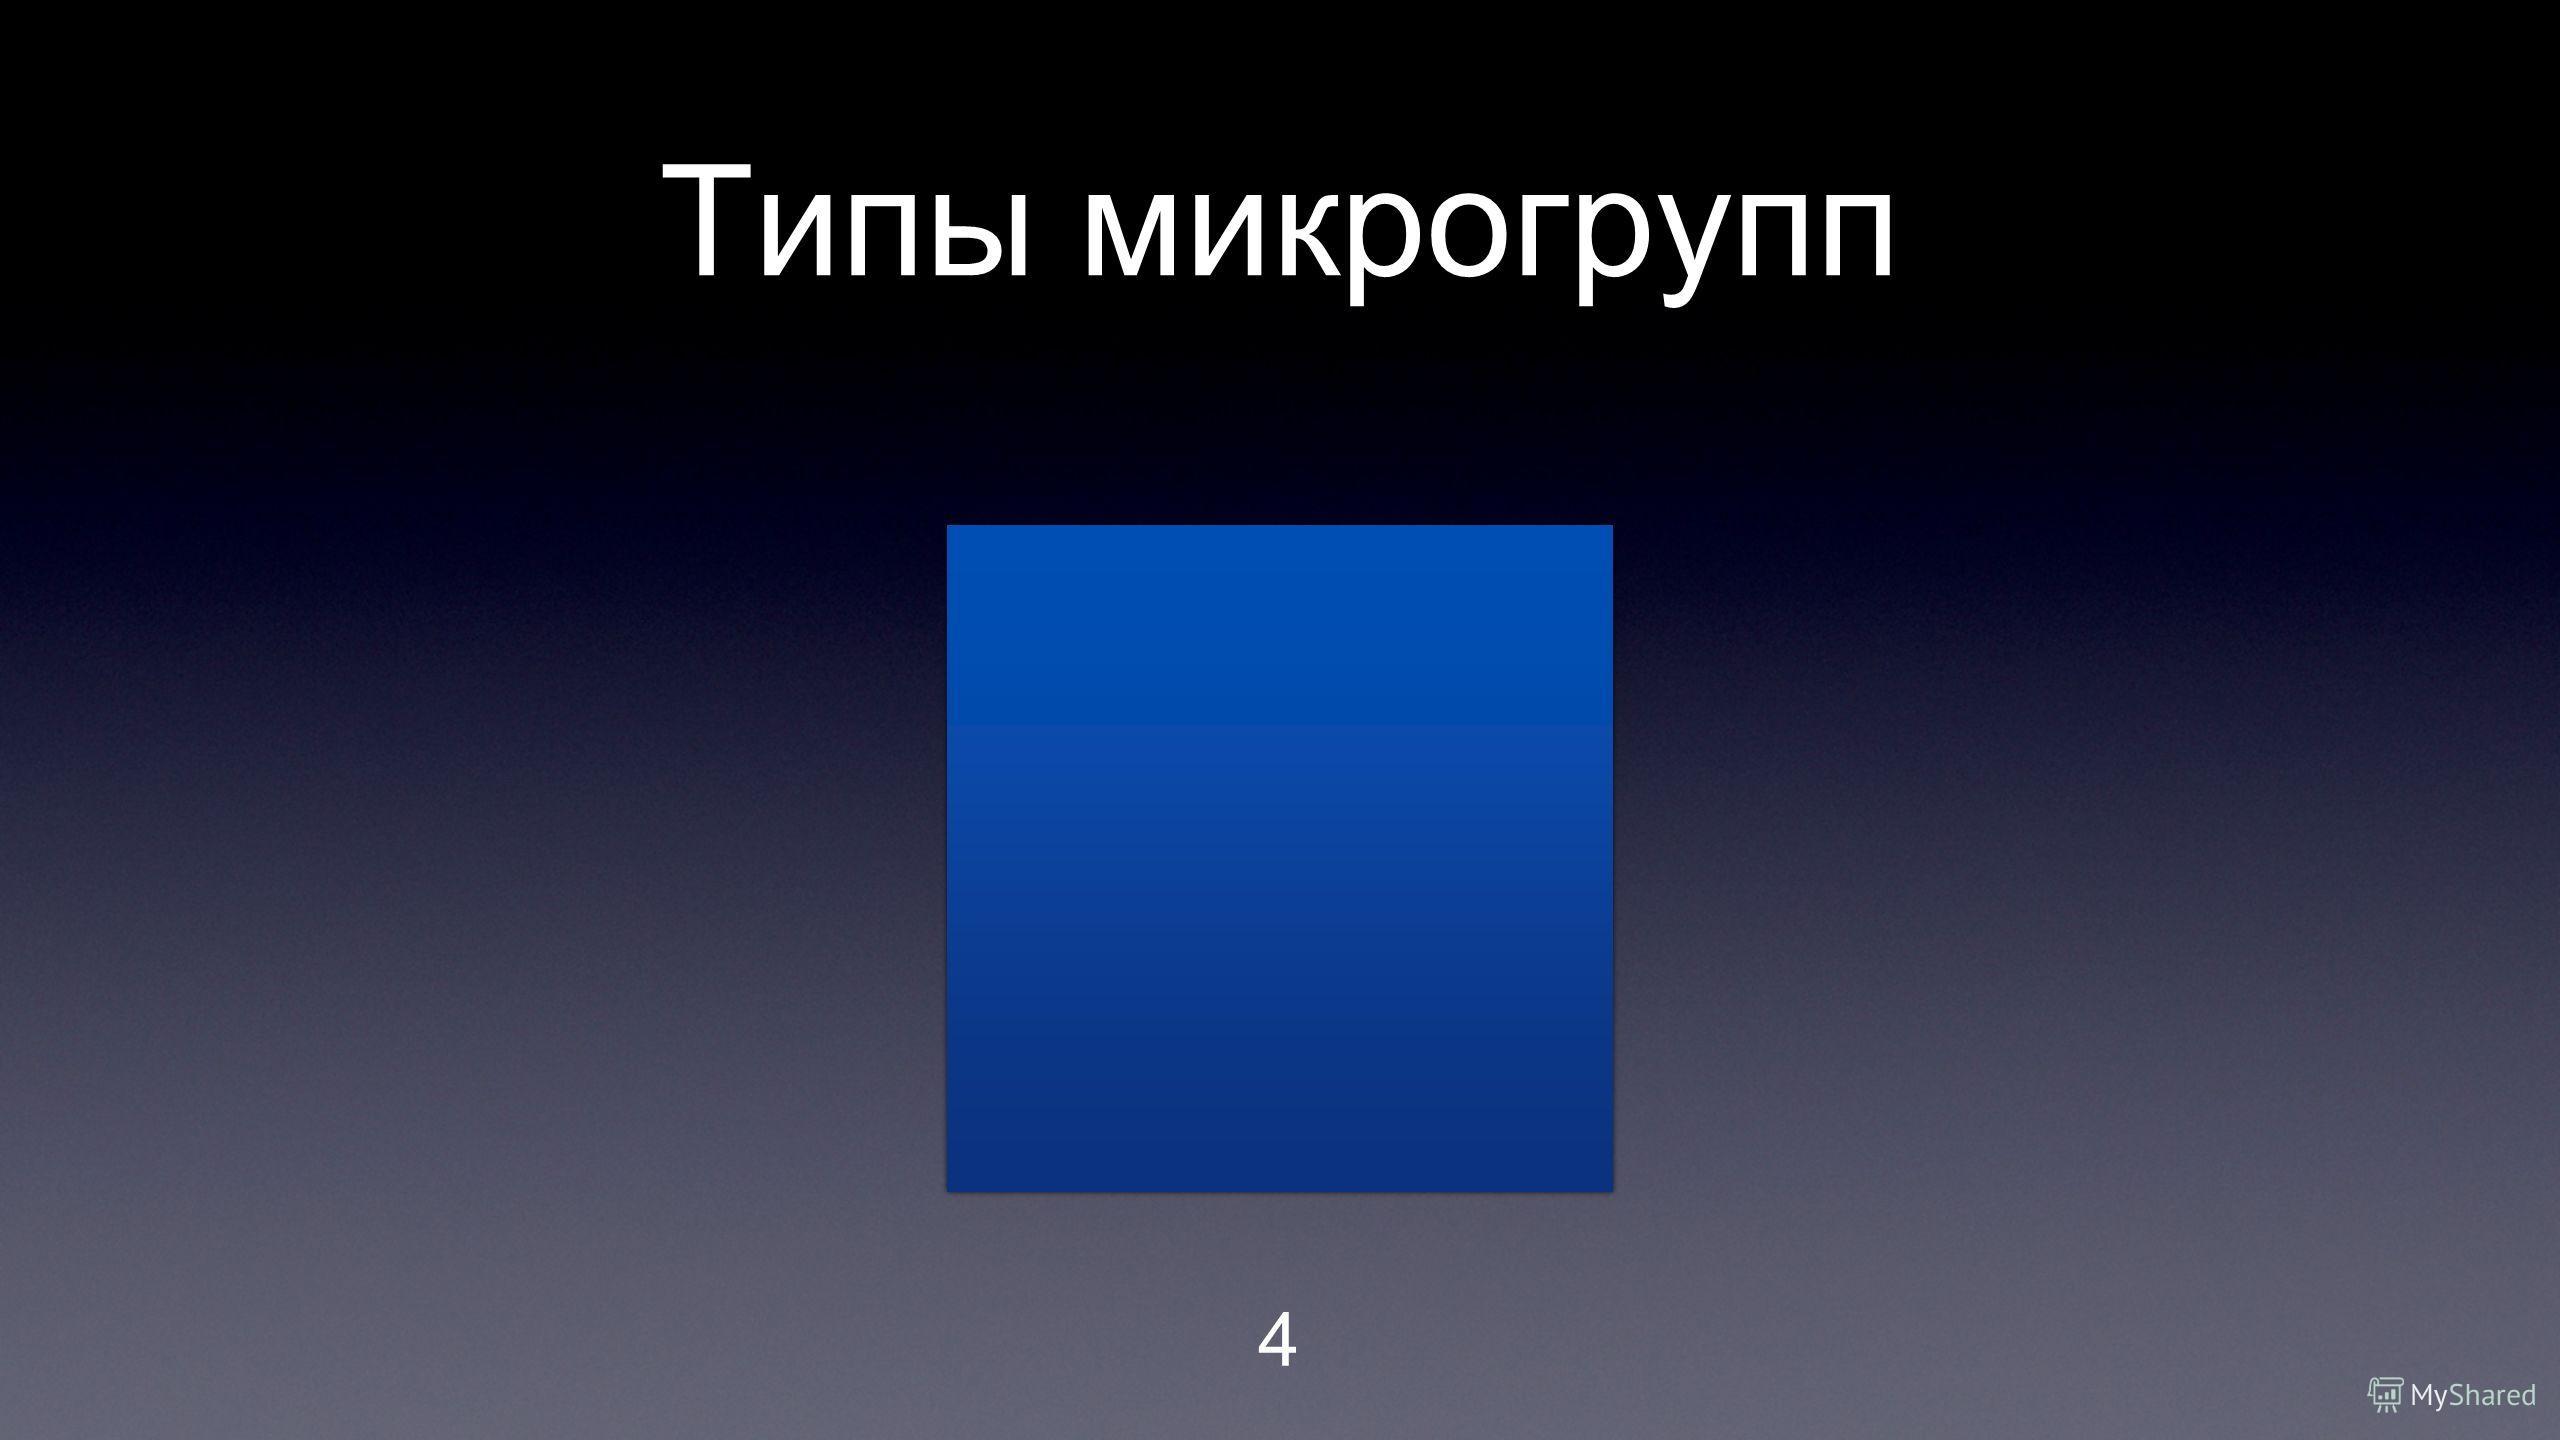 Типы микрогрупп 4